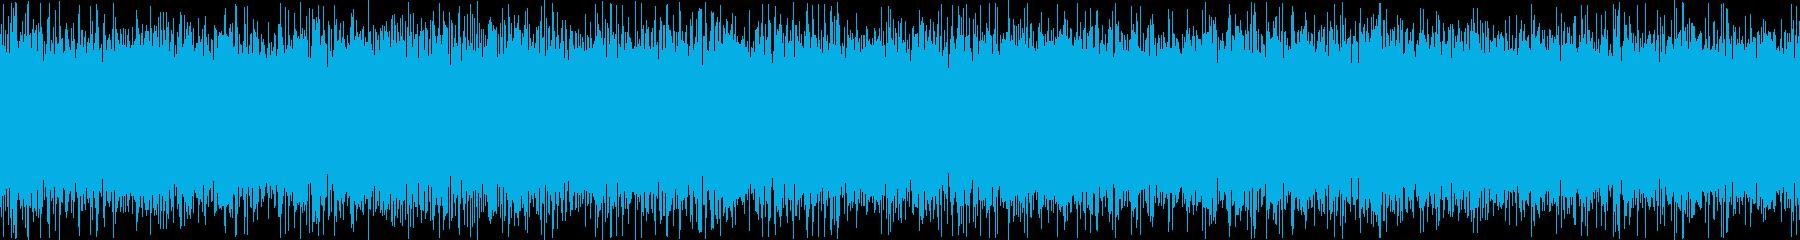 ザァー(FMラジオのノイズE)ループ処理の再生済みの波形